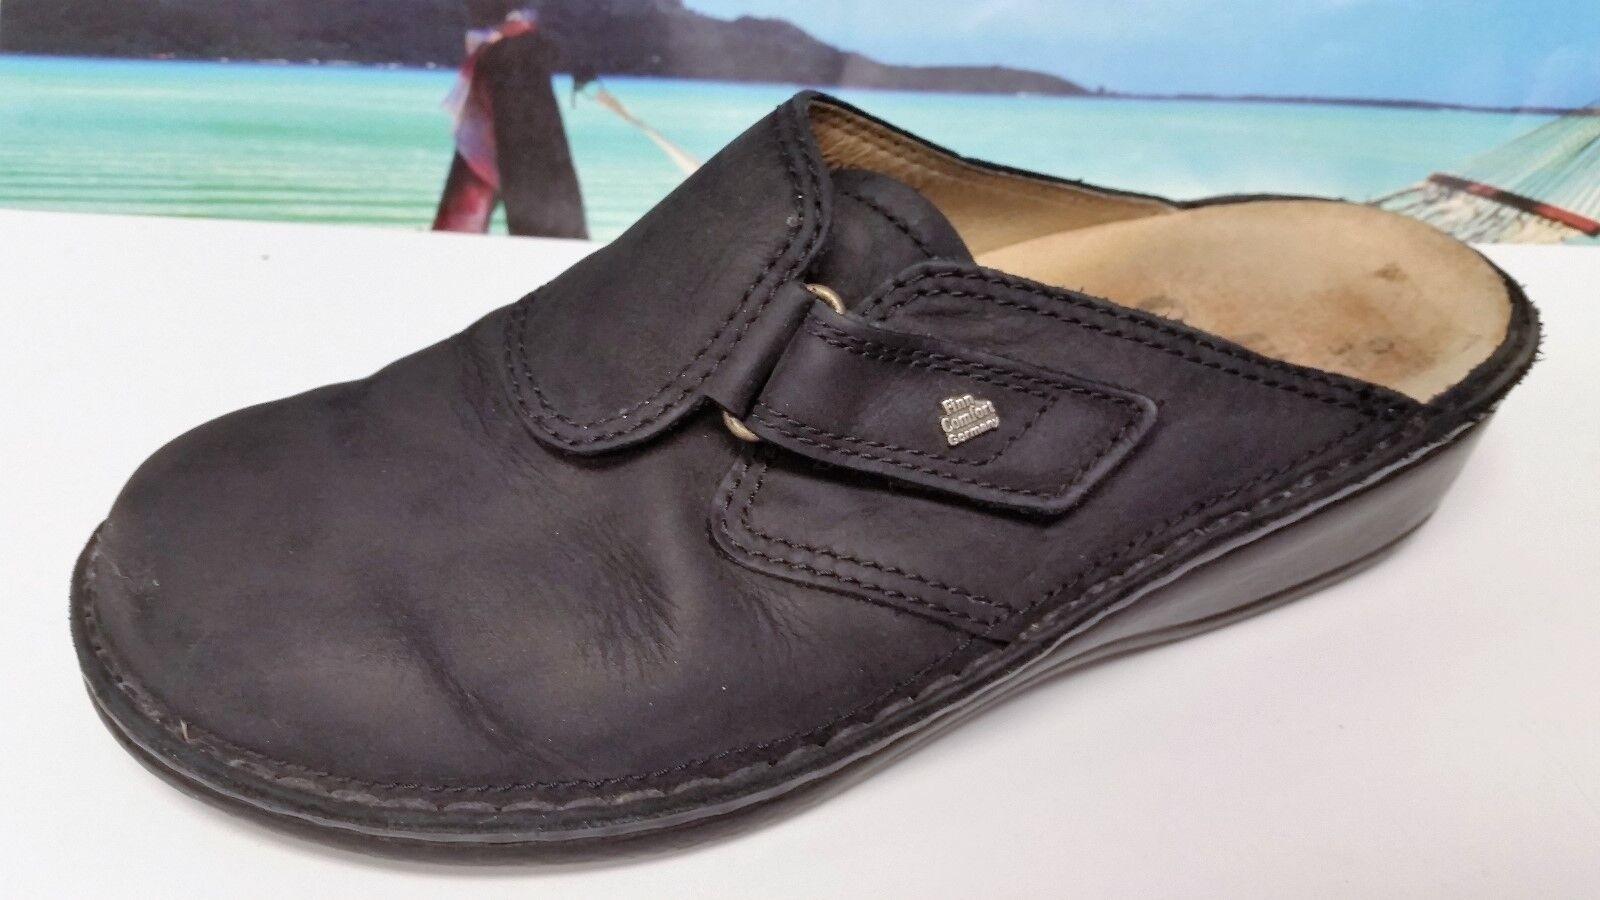 Finn Comfort Black Suede made in Germany Vaasa EURO  39 - US 8.5